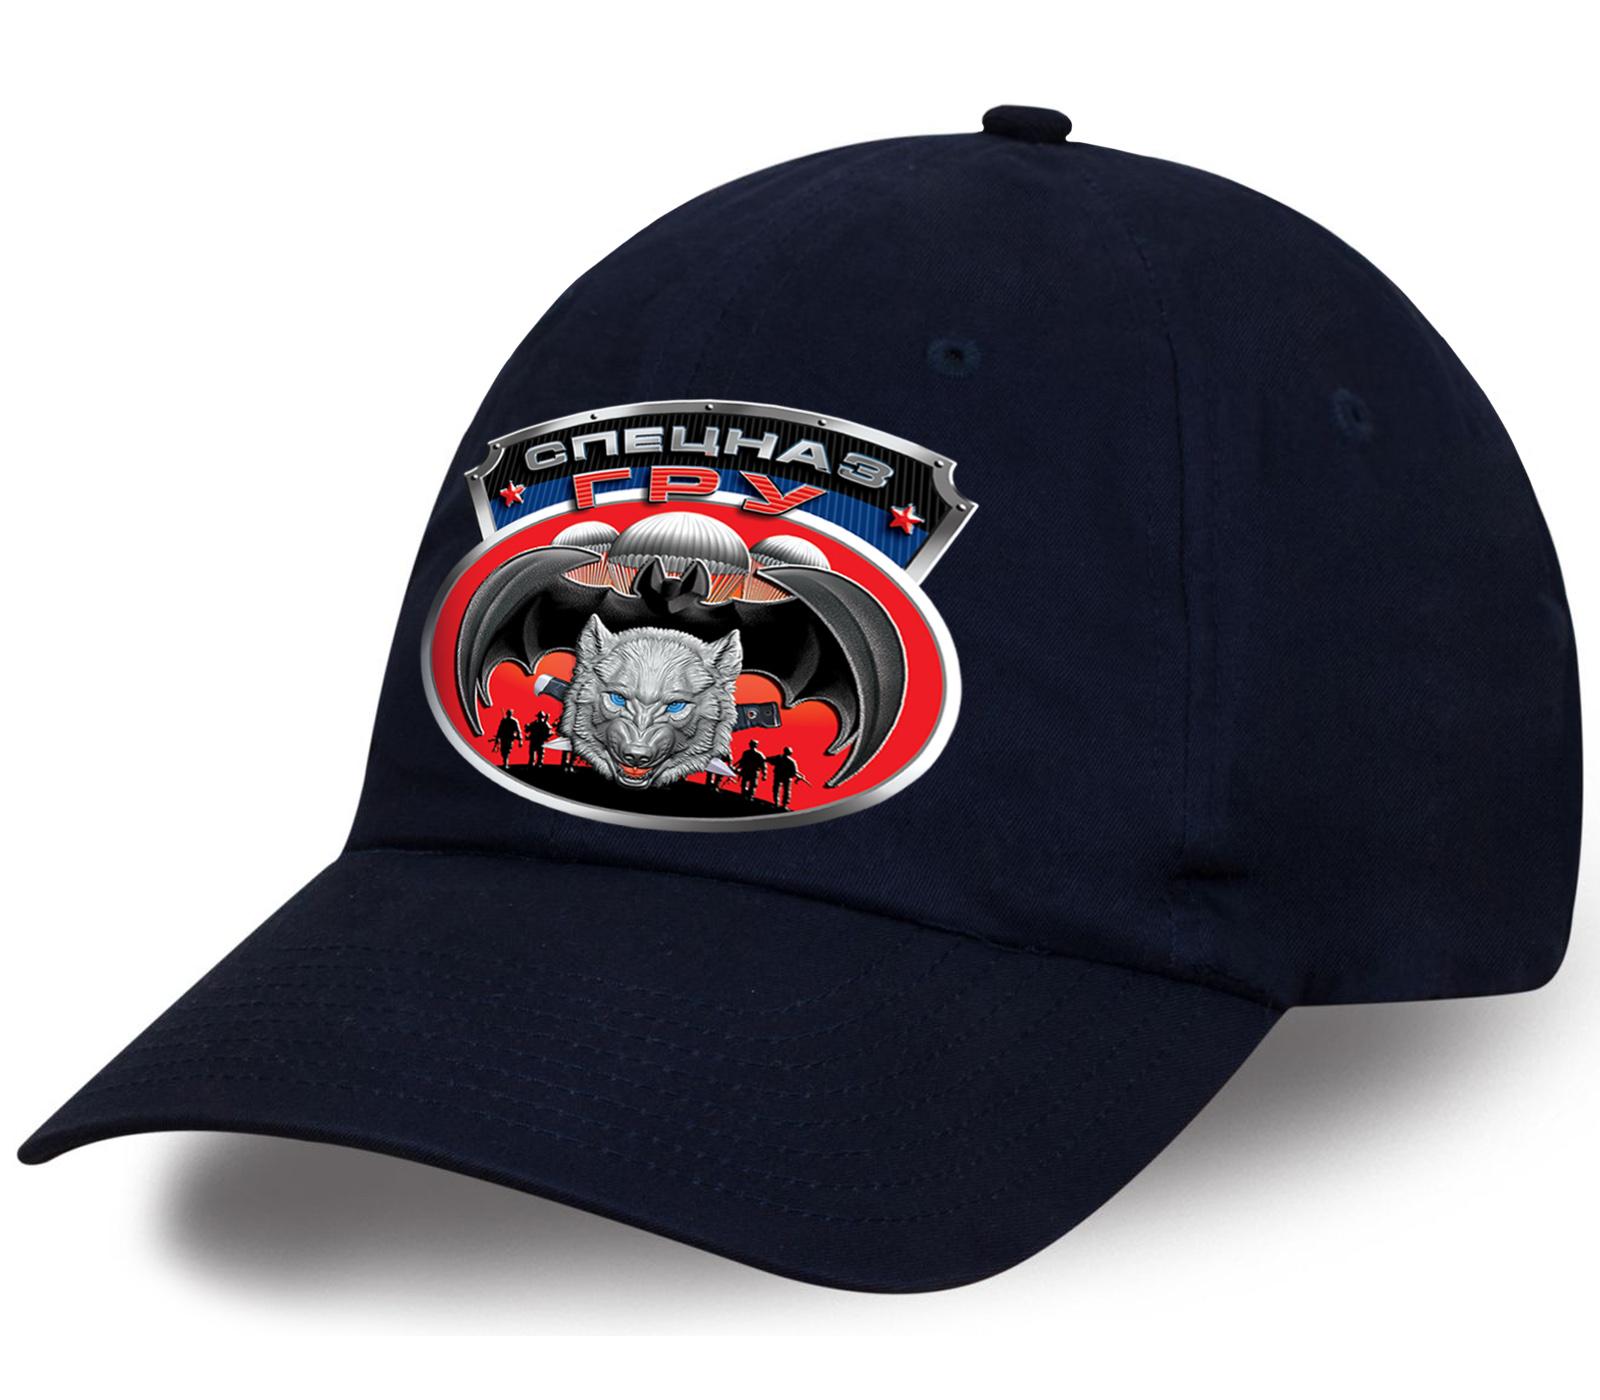 Элитная кепка с эксклюзивным дизайнерским принтом «Спецназ ГРУ» и волком. Безупречное качество по привлекательной цене. Заказывайте только лучшее